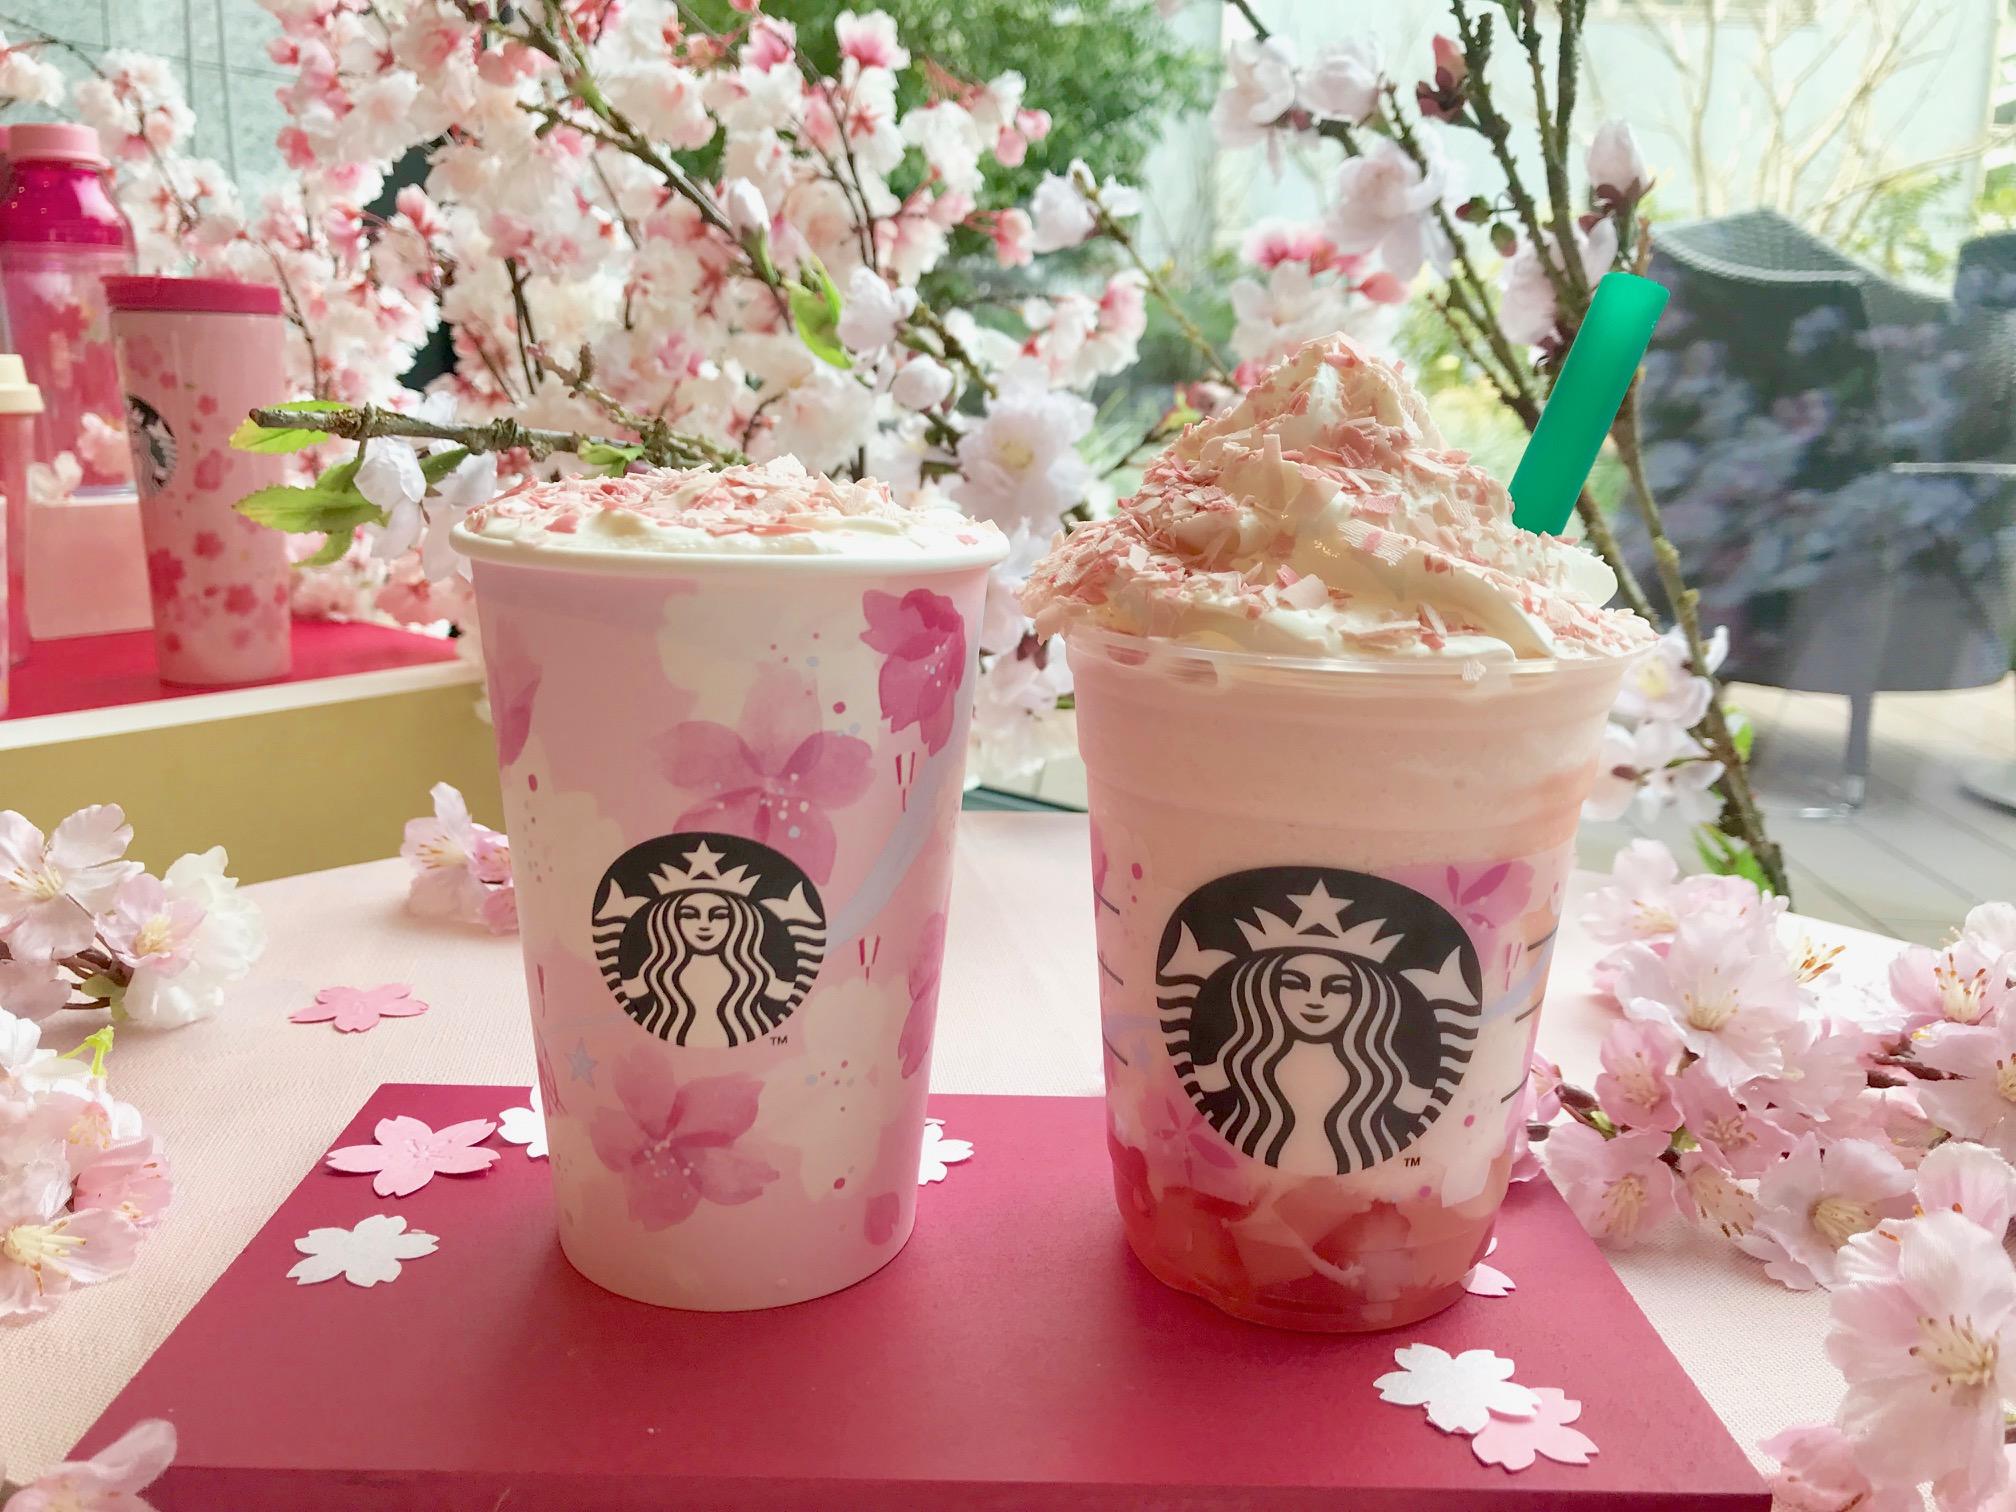 桜スイーツ特集《2019年版》- 限定グルメやスタバの新作、お花見グルメも!_1